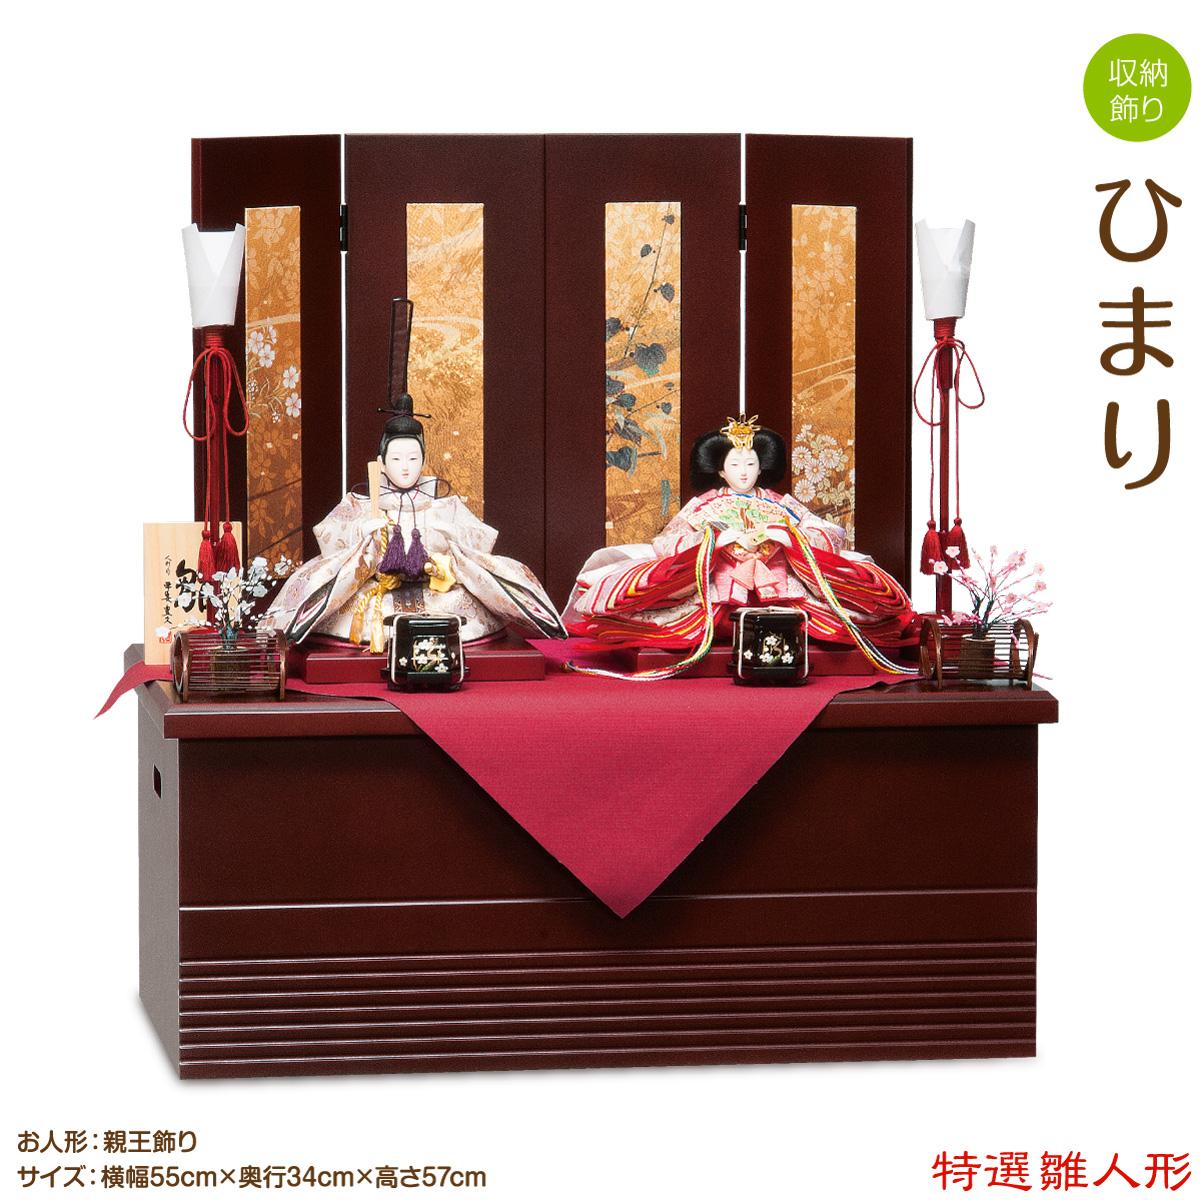 雛人形 収納飾り ひな人形 収納スペース付平安豊久ひまり コンパクト 収納雛 特選